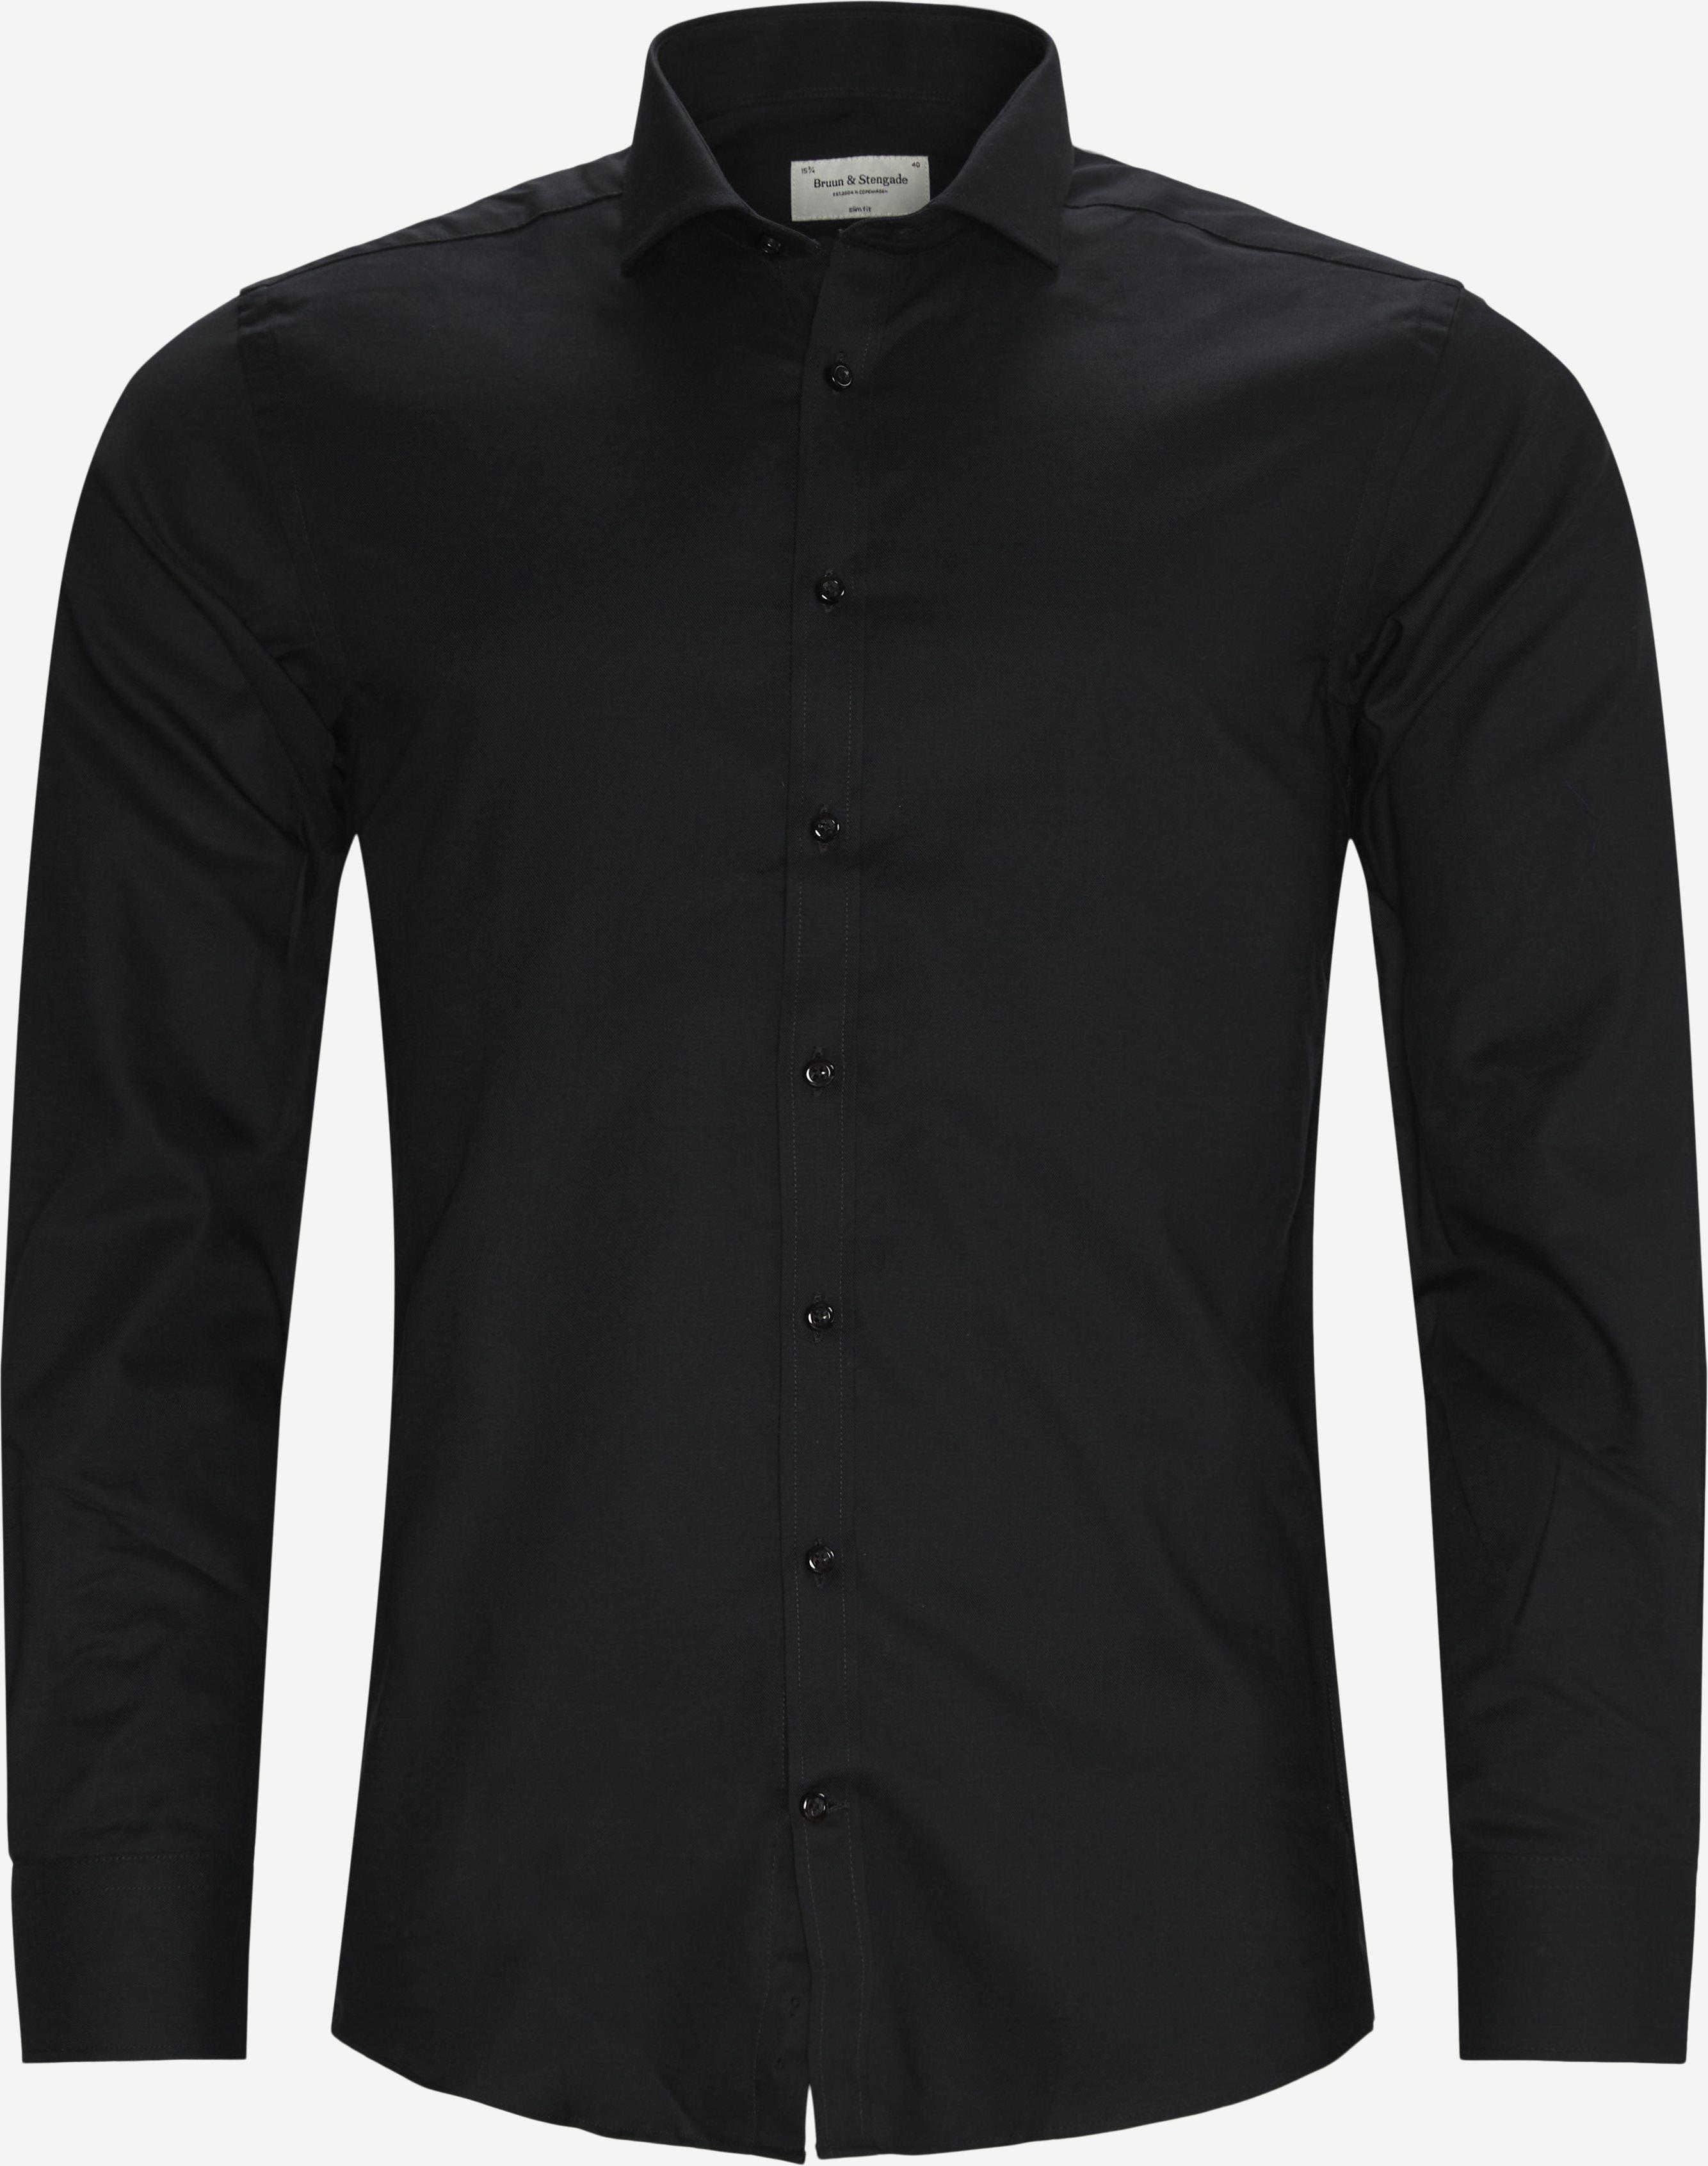 Leonardo Skjorte - Skjorter - Slim fit - Sort